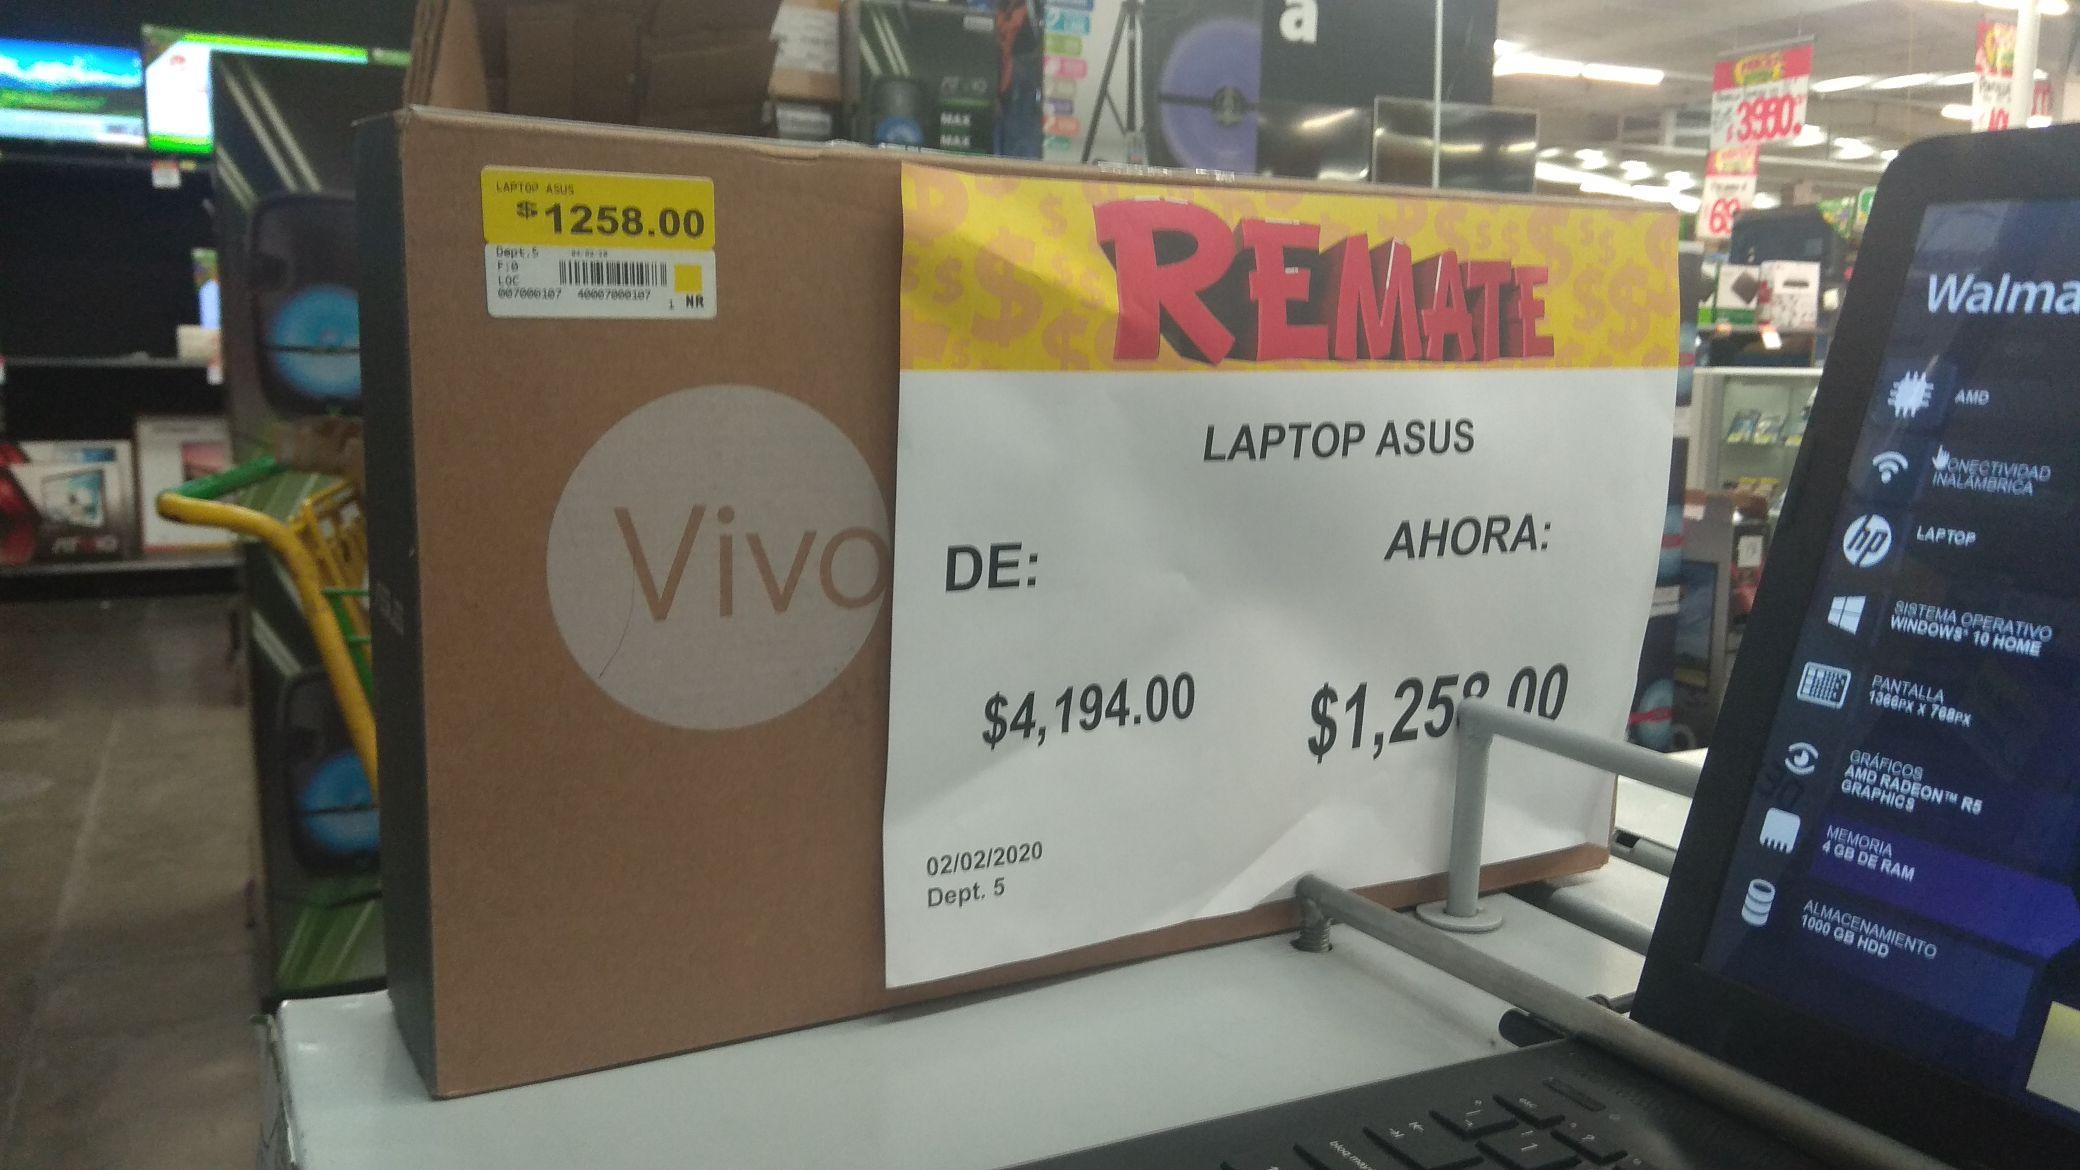 Bodega Aurrerá: Laptop Asus en remate